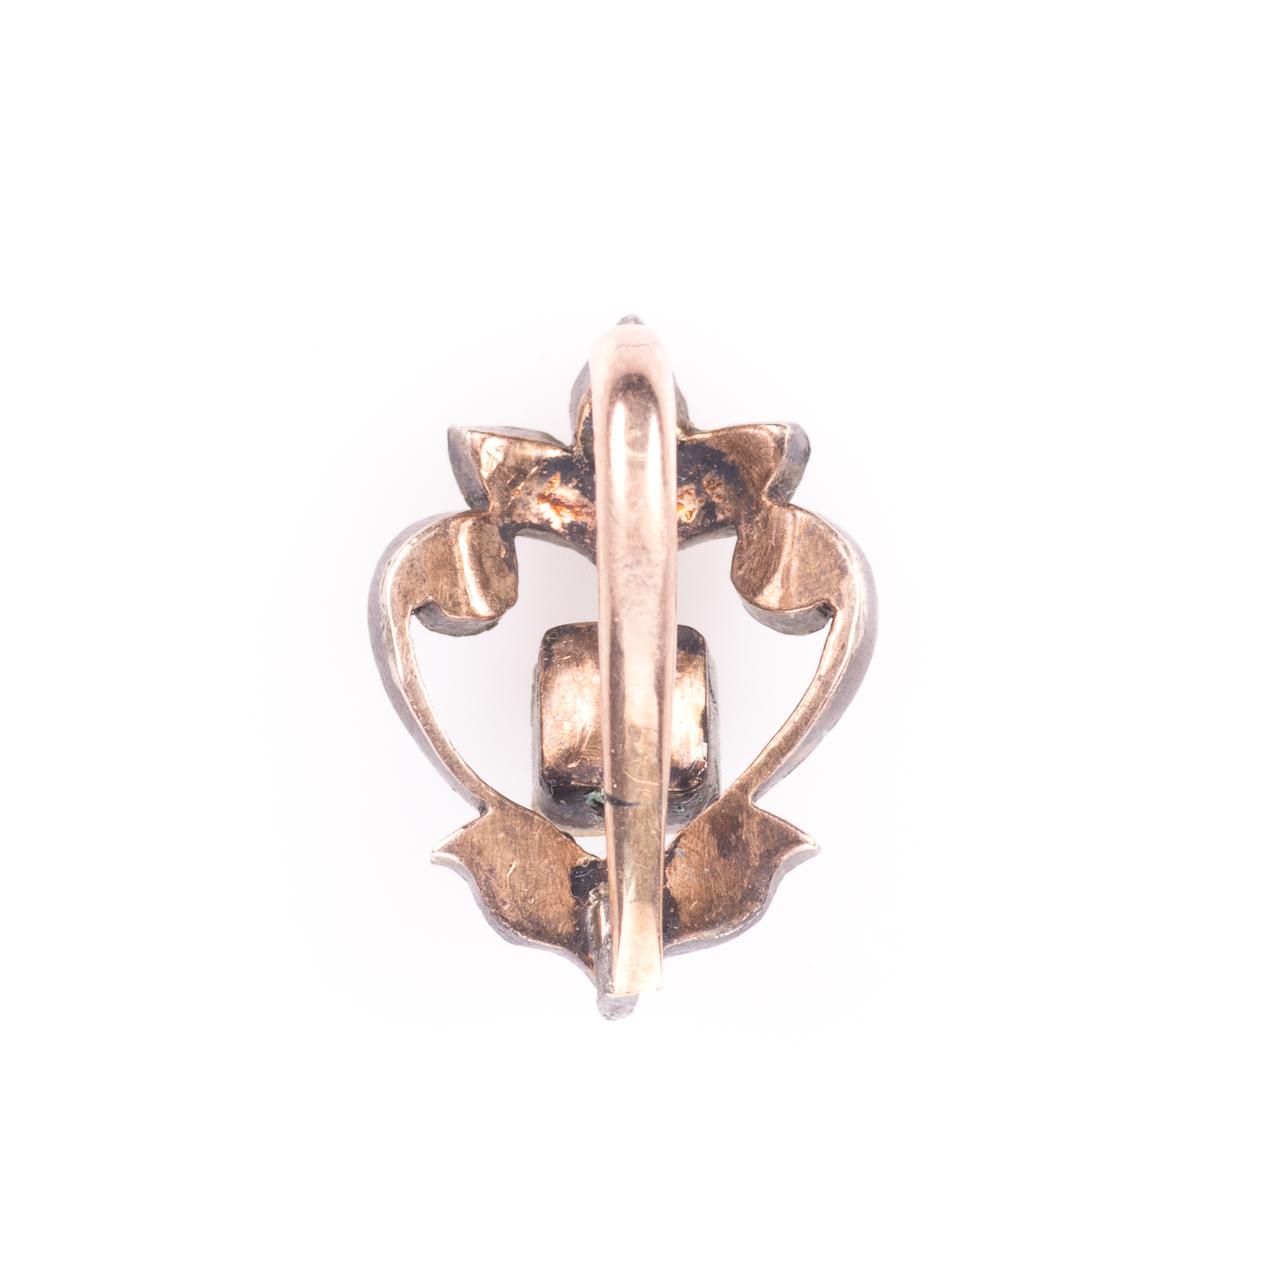 Rose Cut Diamond & Emerald Fleur de Lis Pendant - Image 4 of 6